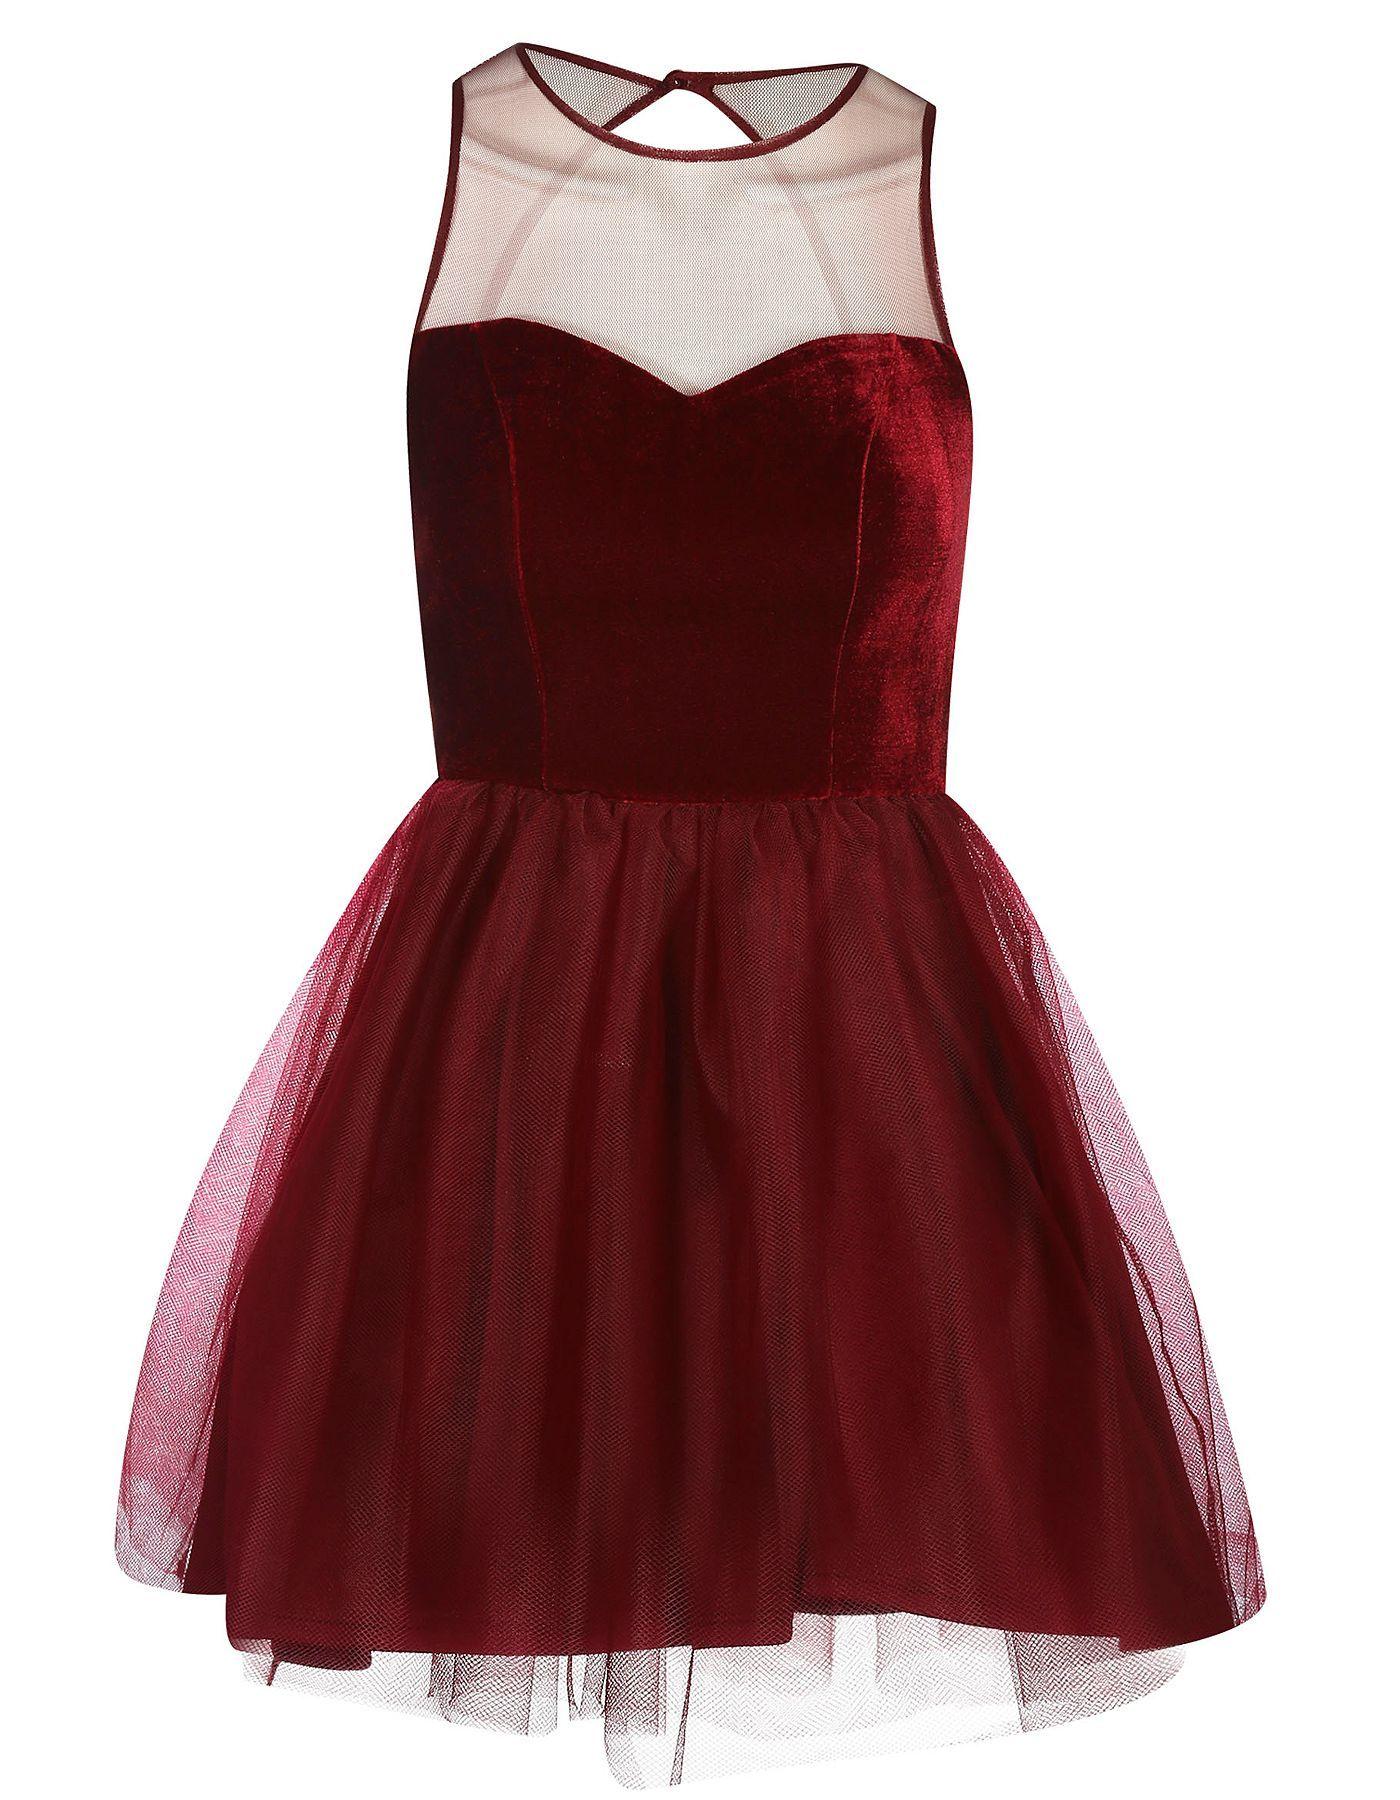 Fingerless gloves asda - G21 Velvet Tulle Dress Women George At Asda